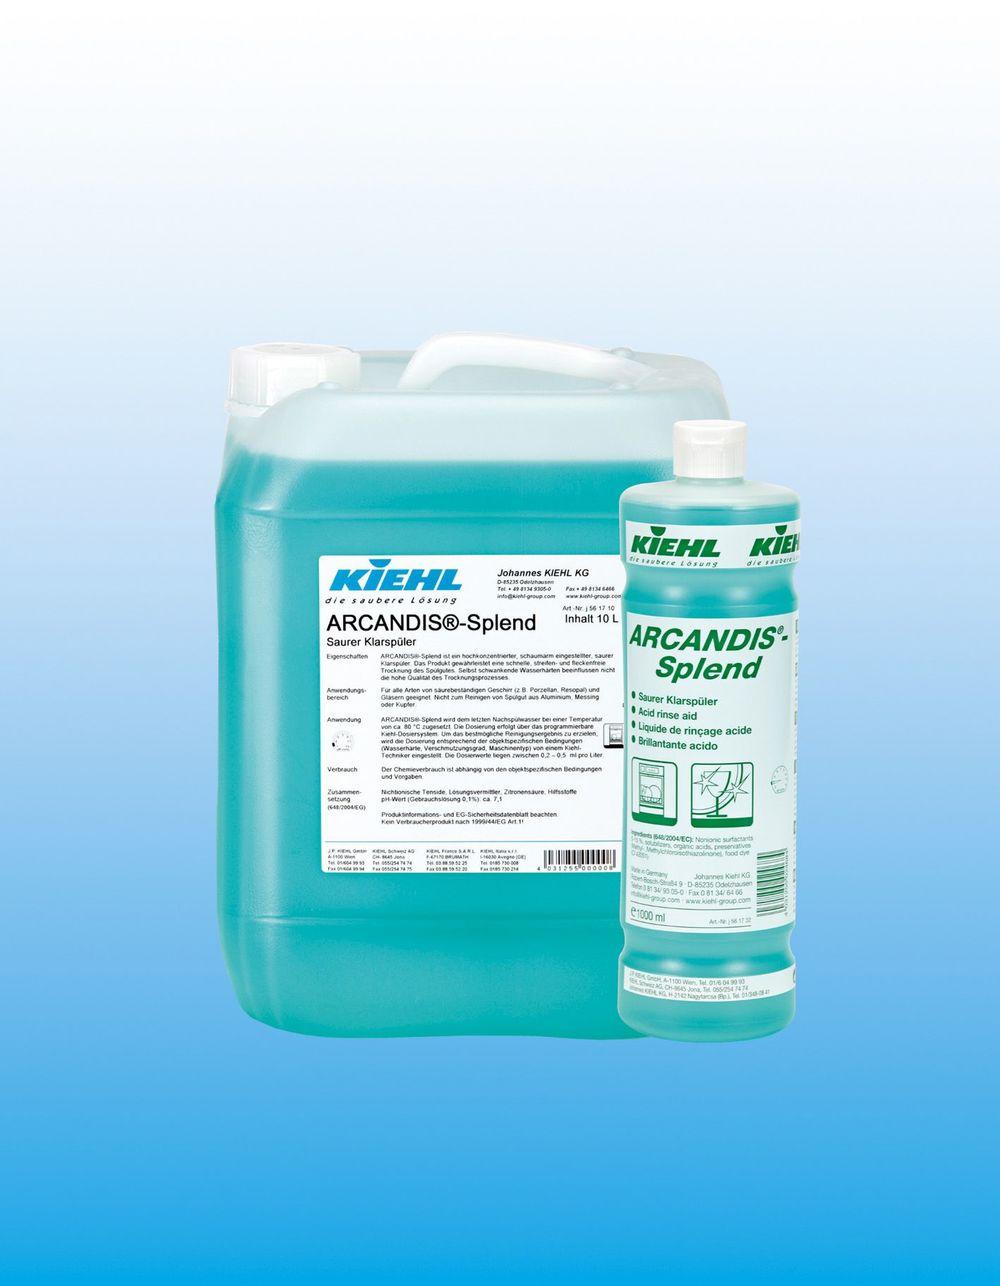 Arcandis Splend - Miljømerket, maskinoppvaskARCANDIS®-splend er et miljøvennlig konsentrert, surt skyllemiddel for kommersielle oppvask-maskiner.Produktet gir utmerket tørke-ytelse og etterlater oppvask stripefritt og skinnende rent og sikrer dermed en effektiv drift.